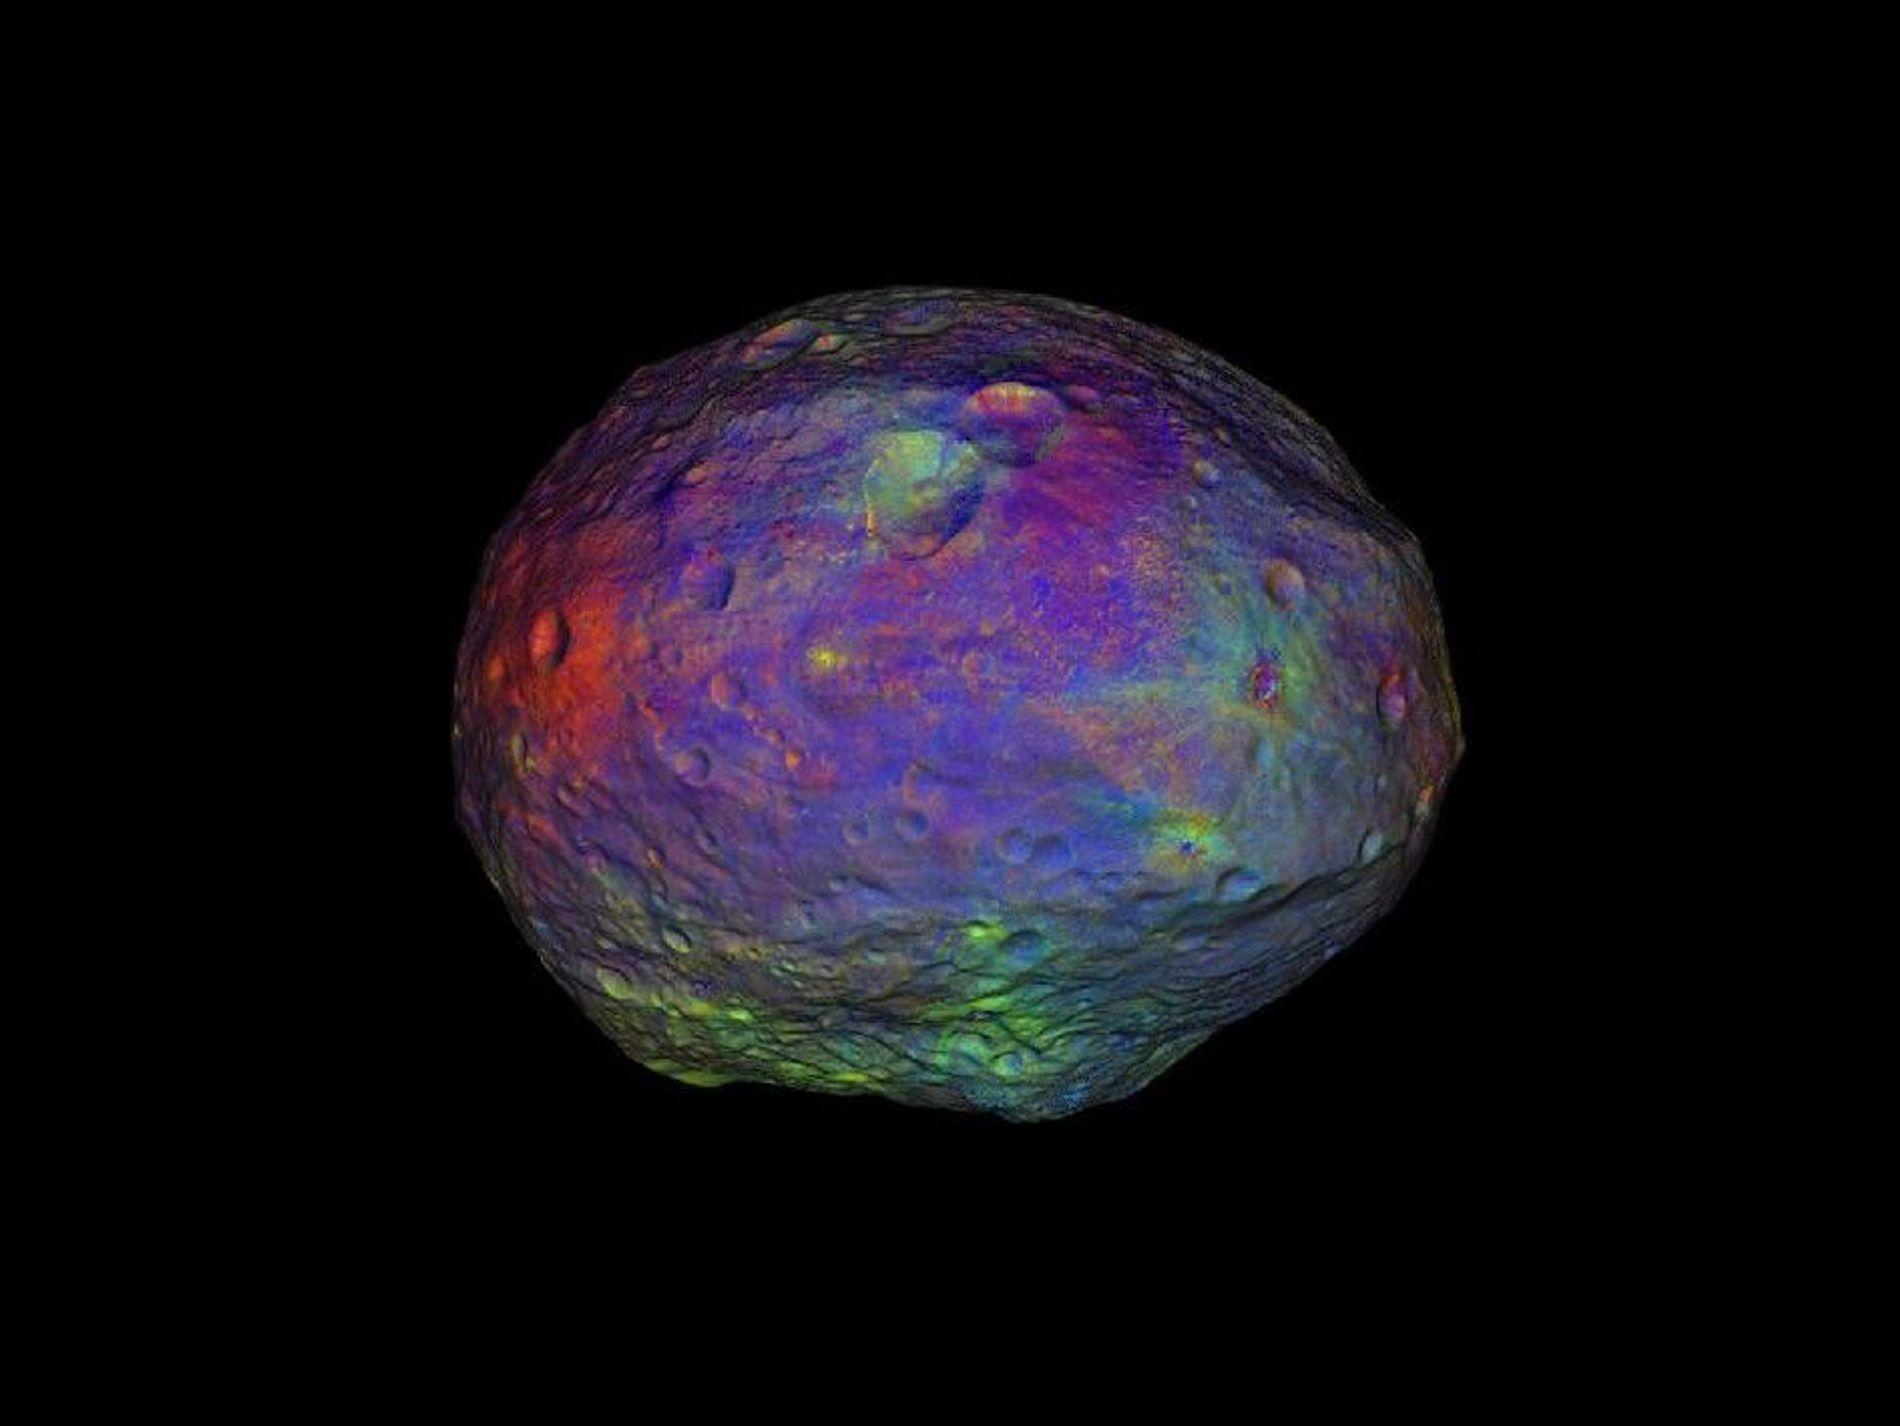 L'astéroïde Vesta. Chaque couleur de sa surface correspond à différentes compositions minérales.